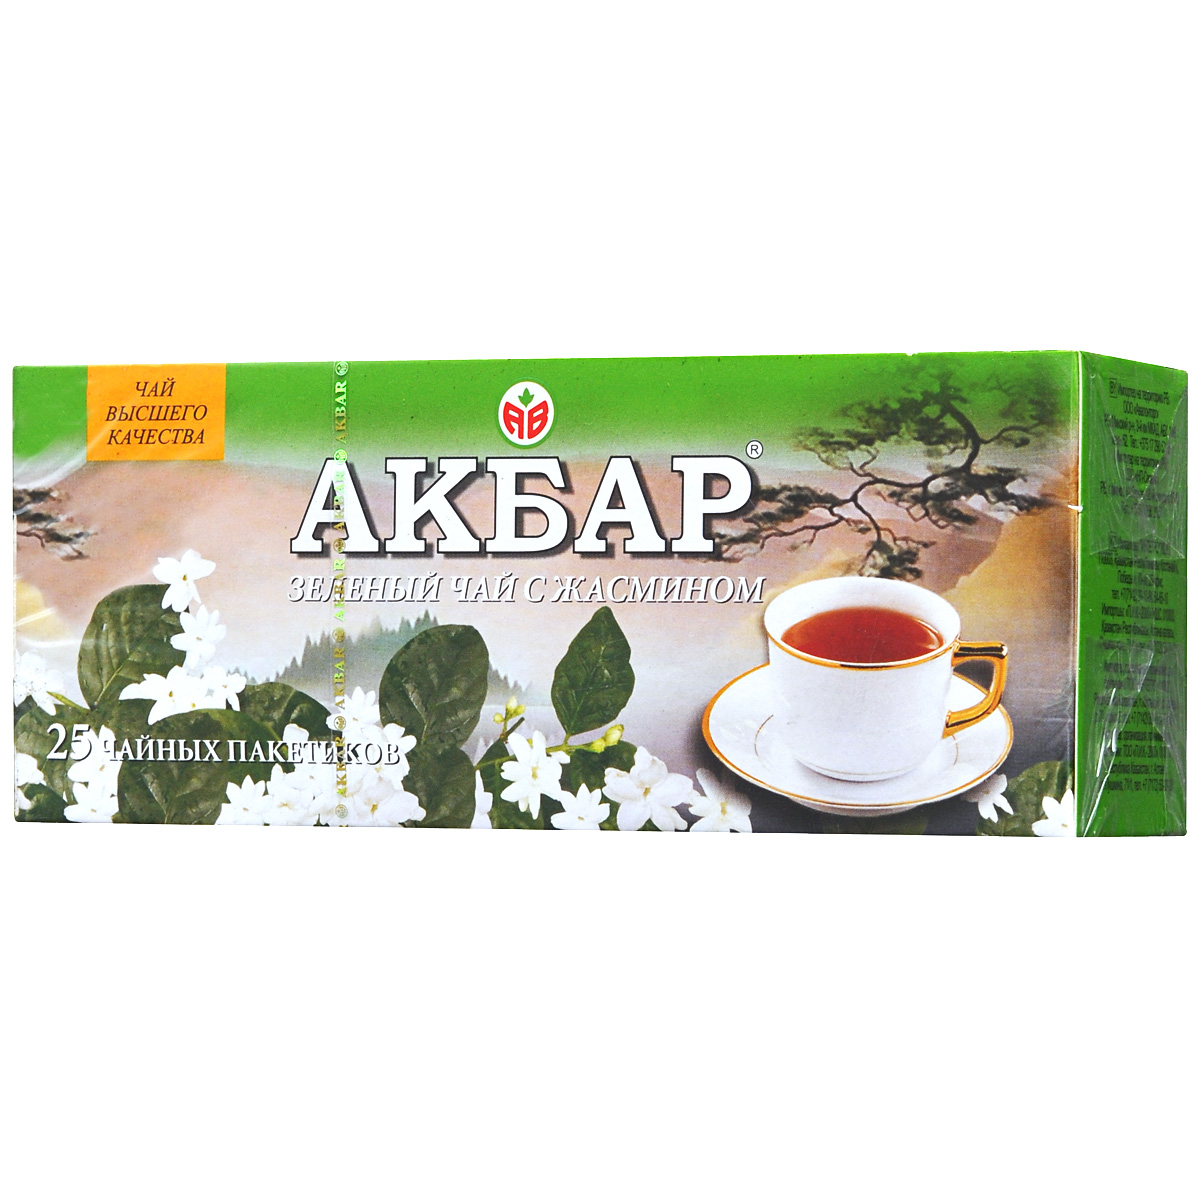 Akbar зеленый ароматизированный чай с жасмином в пакетиках, 25 шт1041038Зеленый китайский чай Akbar с жасмином – отличное средство для снятия стрессов после напряженной работы и больших нервных и физических перегрузок. Бодрящие, придающие жизненные силы свойства этого чая особенно ярко ощущаются в послеобеденной чашке этого напитка.Зеленый чай Akbar с жасмином - один из наиболее популярных в мире ароматизированных чаев. Впервые он появился в III веке нашей эры в Китае, где существует множество рецептов приготовления этого напитка. Тонкий и мягкий аромат жасмина гармонично переплетается со свежестью настоящего зеленого чая, оттеняя, но не заглушая его естественный восхитительный вкус.